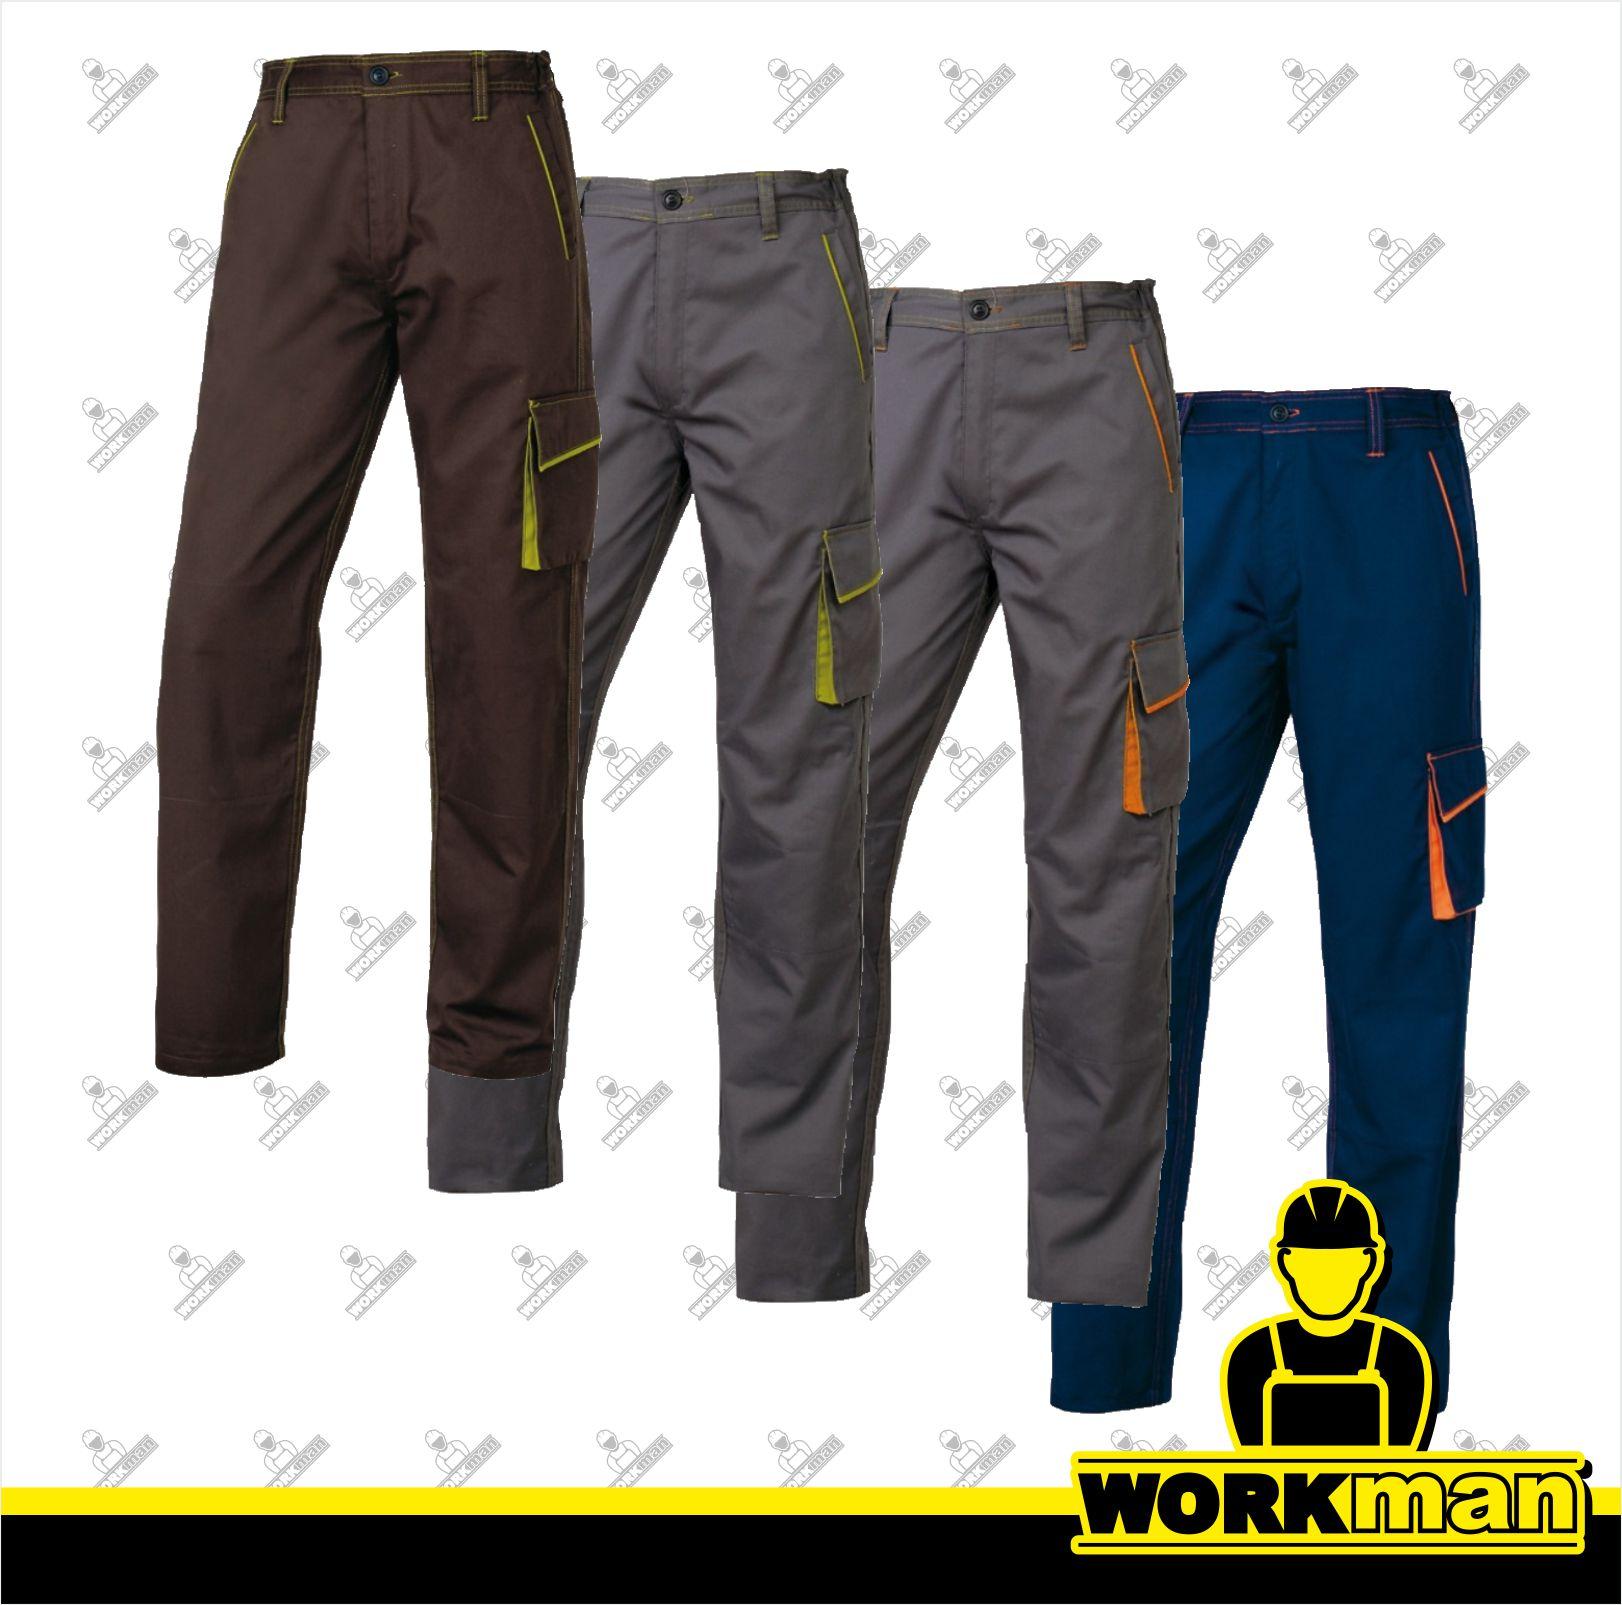 3dfb6c87a4cb Pracovné nohavice PANOSTYLE Panoply Deltaplus pracovné odevy WORKMAN